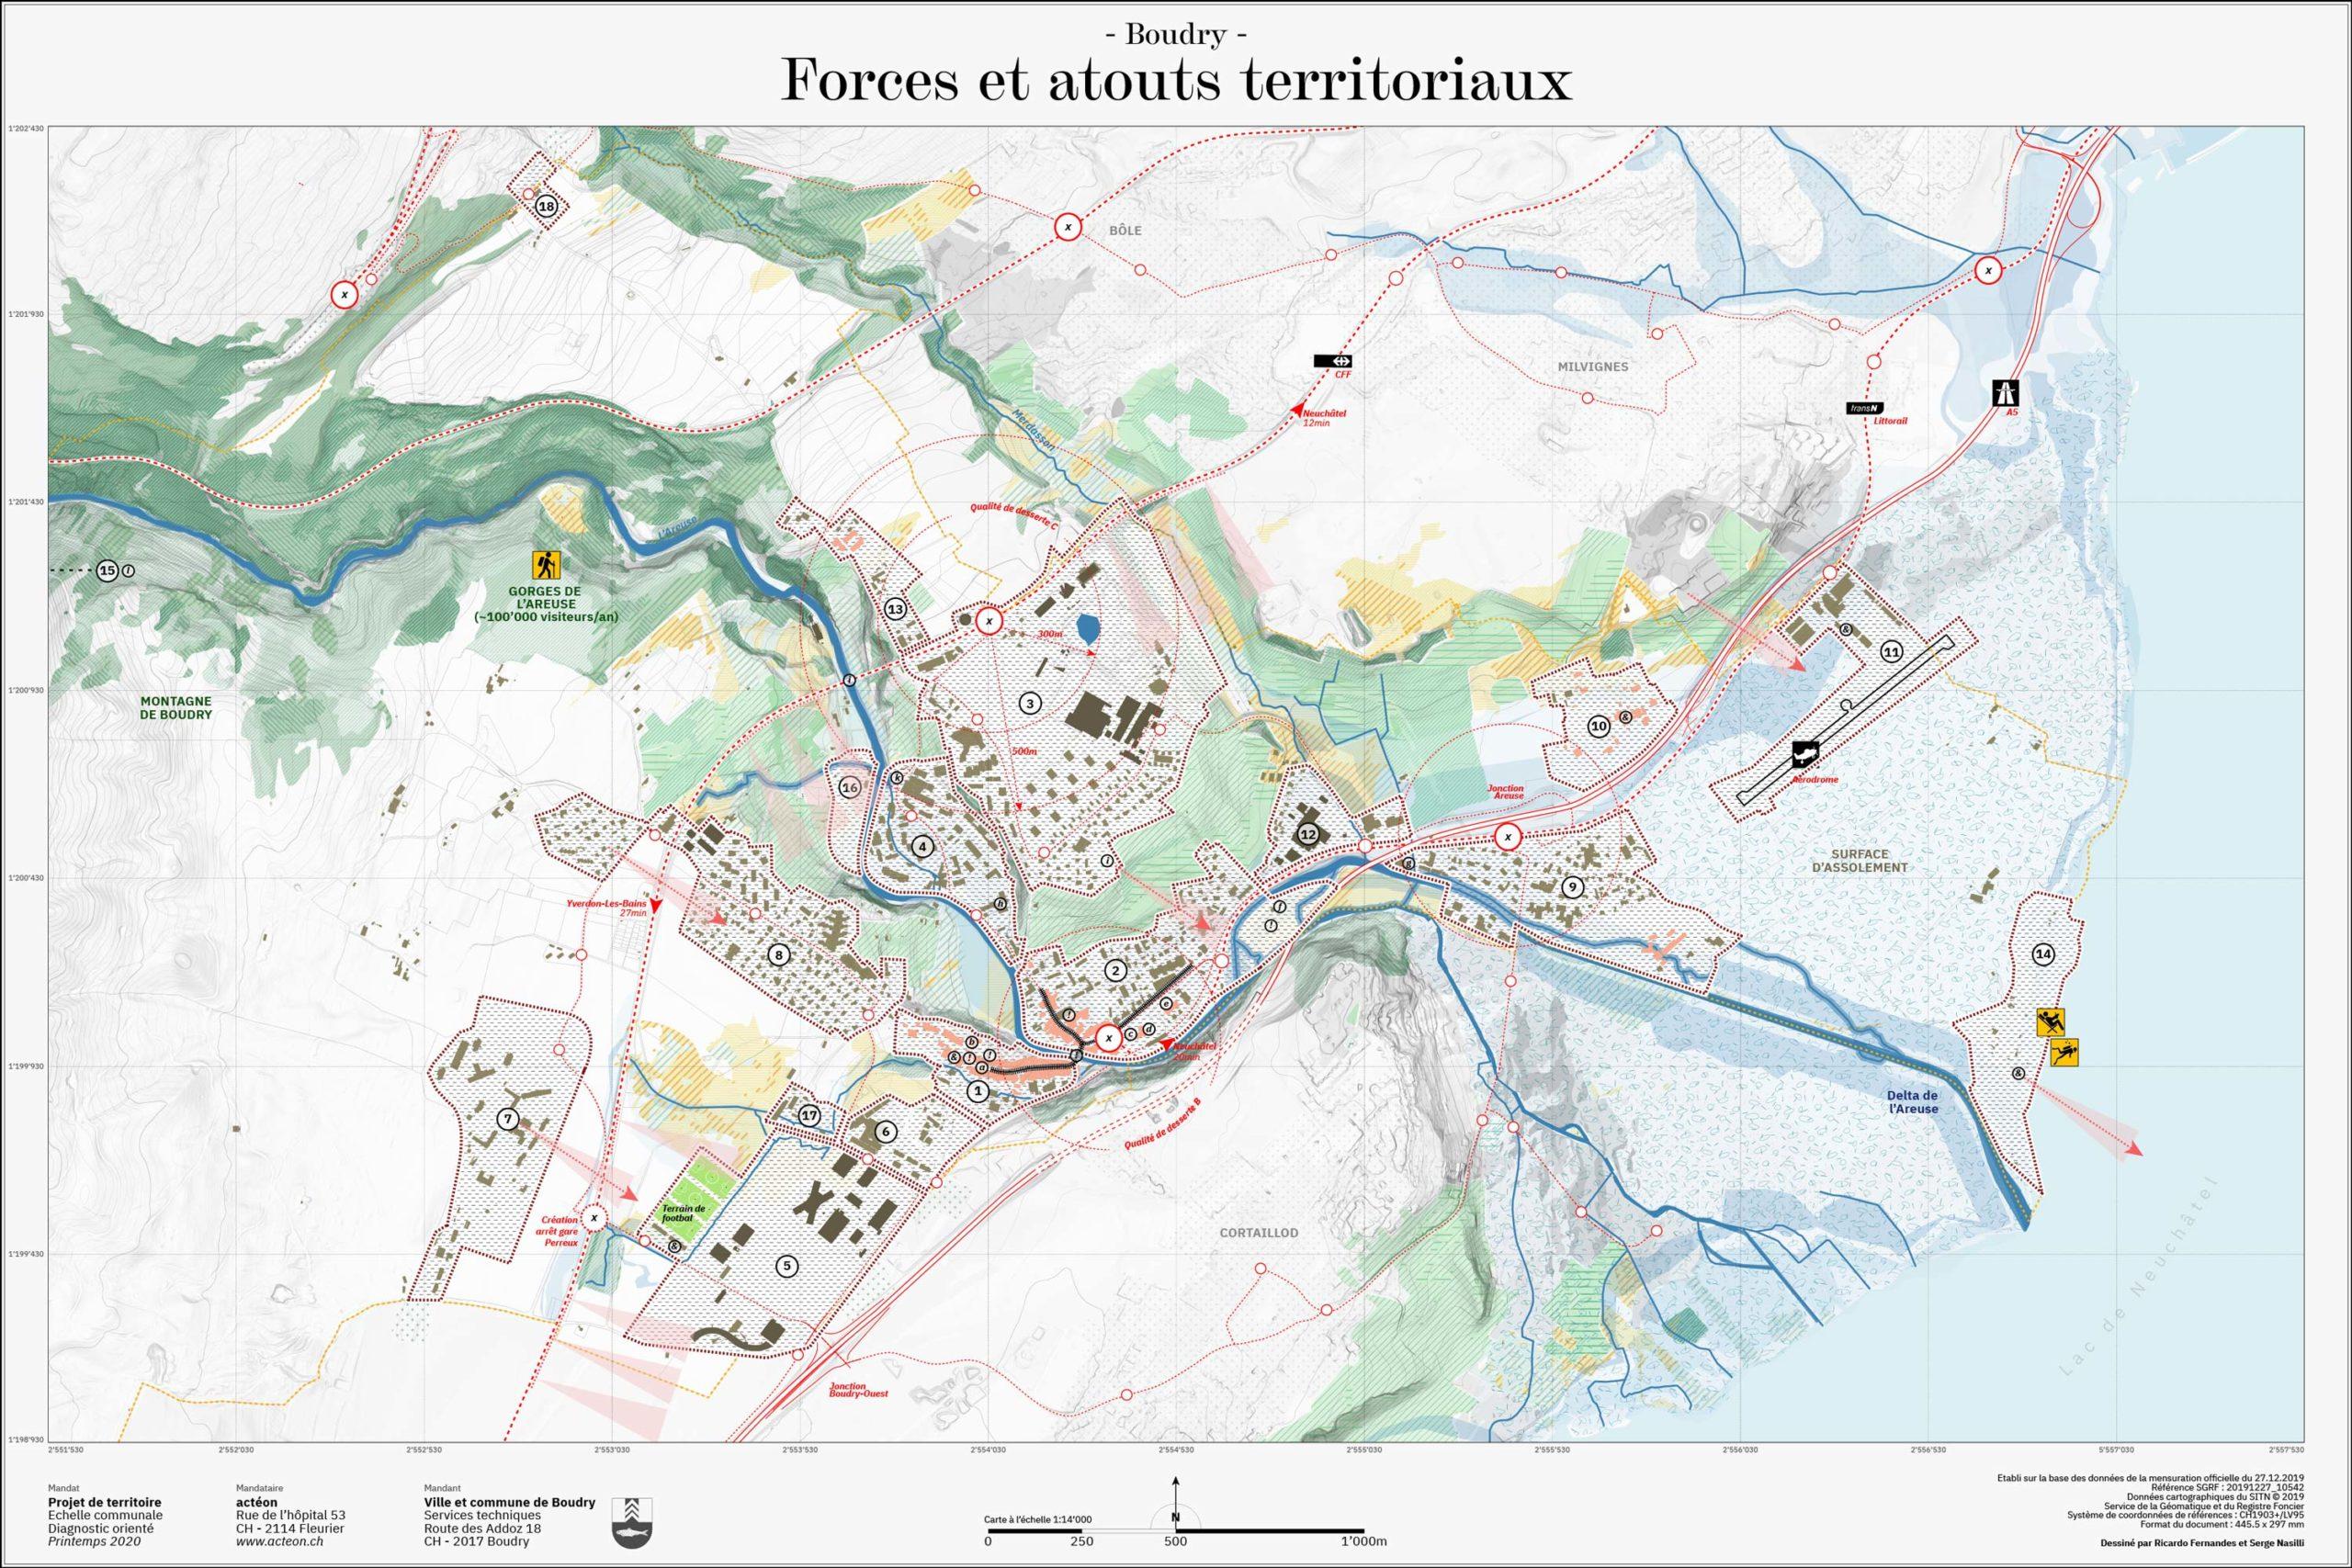 Projet de territoire Boudry cartographie actéon